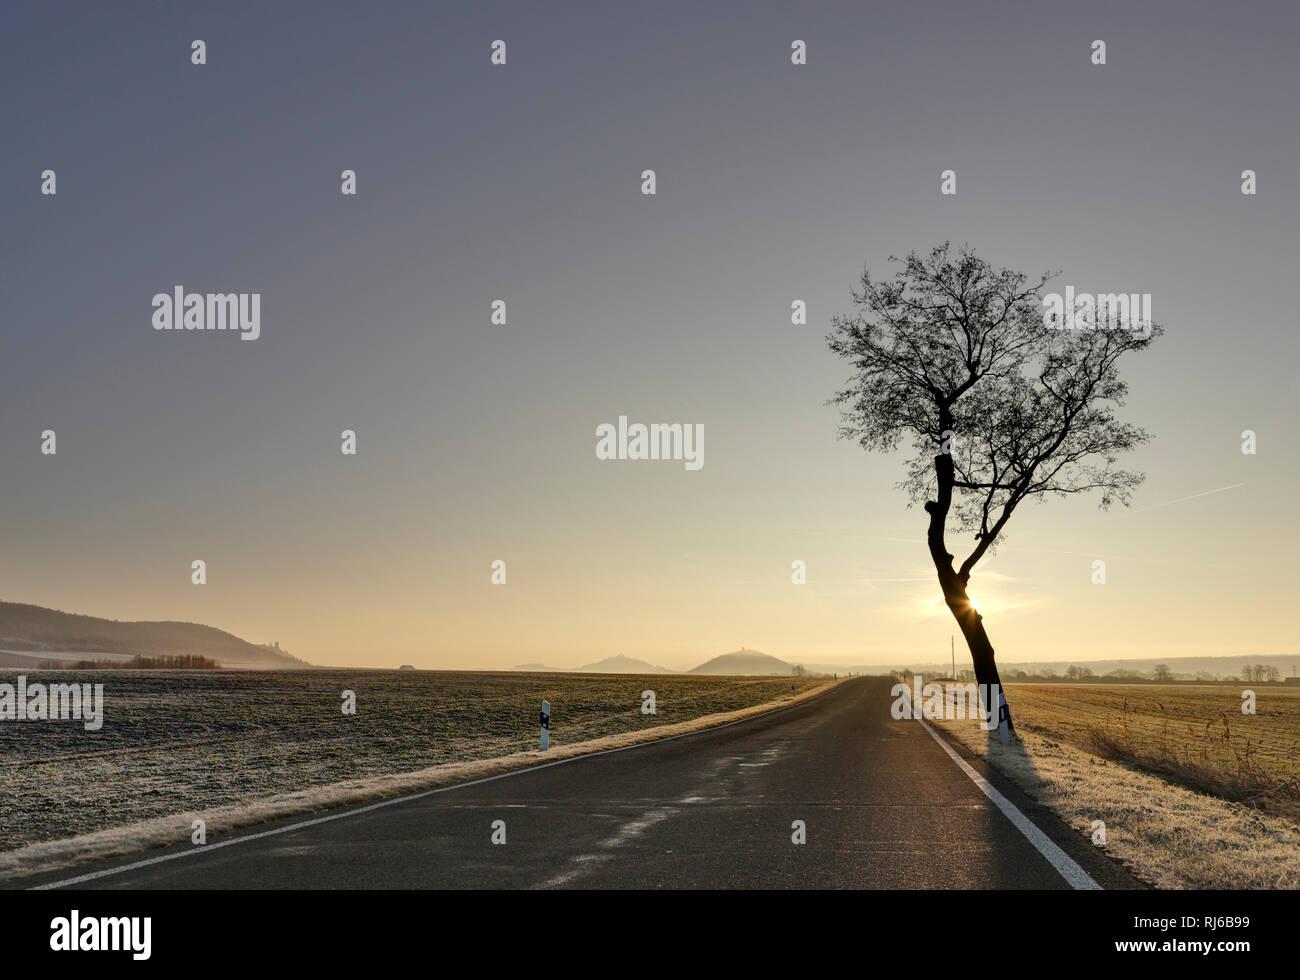 Deutschland, Thüringen, Mühlberg, Drei Gleichen, Straße, Baum, Sonne, Gegenlicht - Stock Image